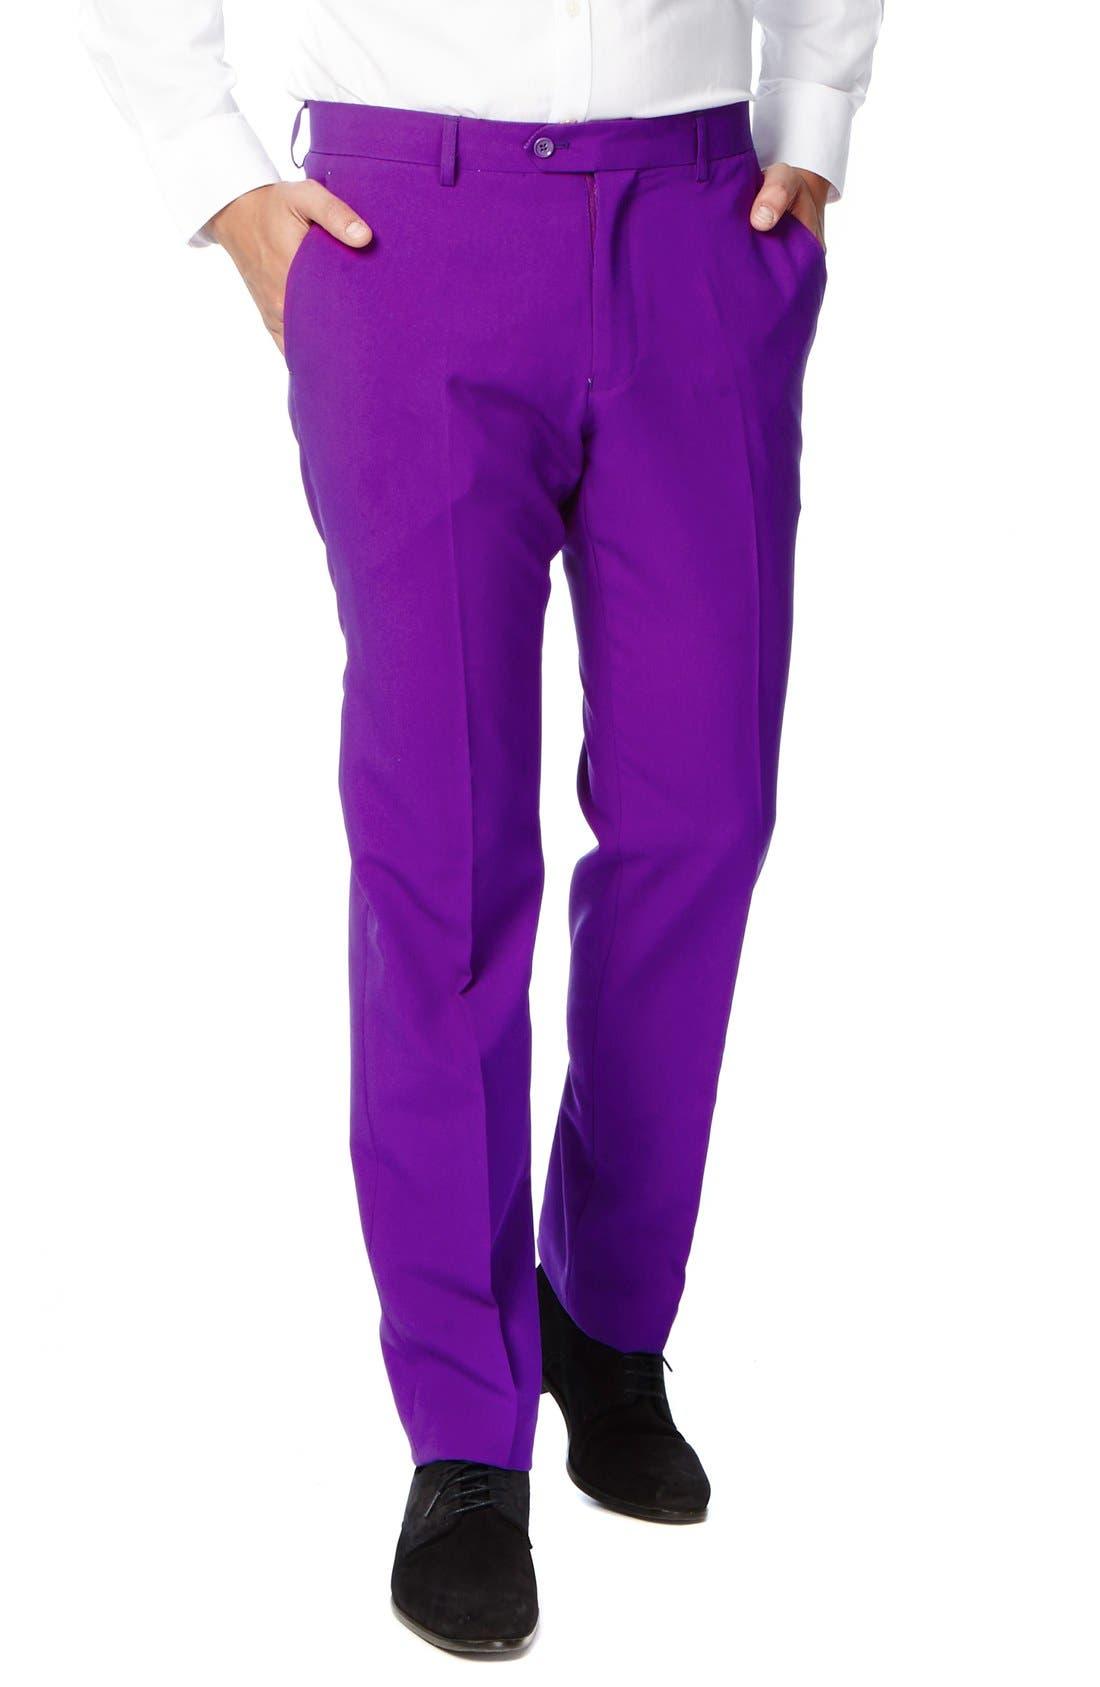 'Purple Prince' Trim Fit Two-Piece Suit with Tie,                             Alternate thumbnail 3, color,                             500